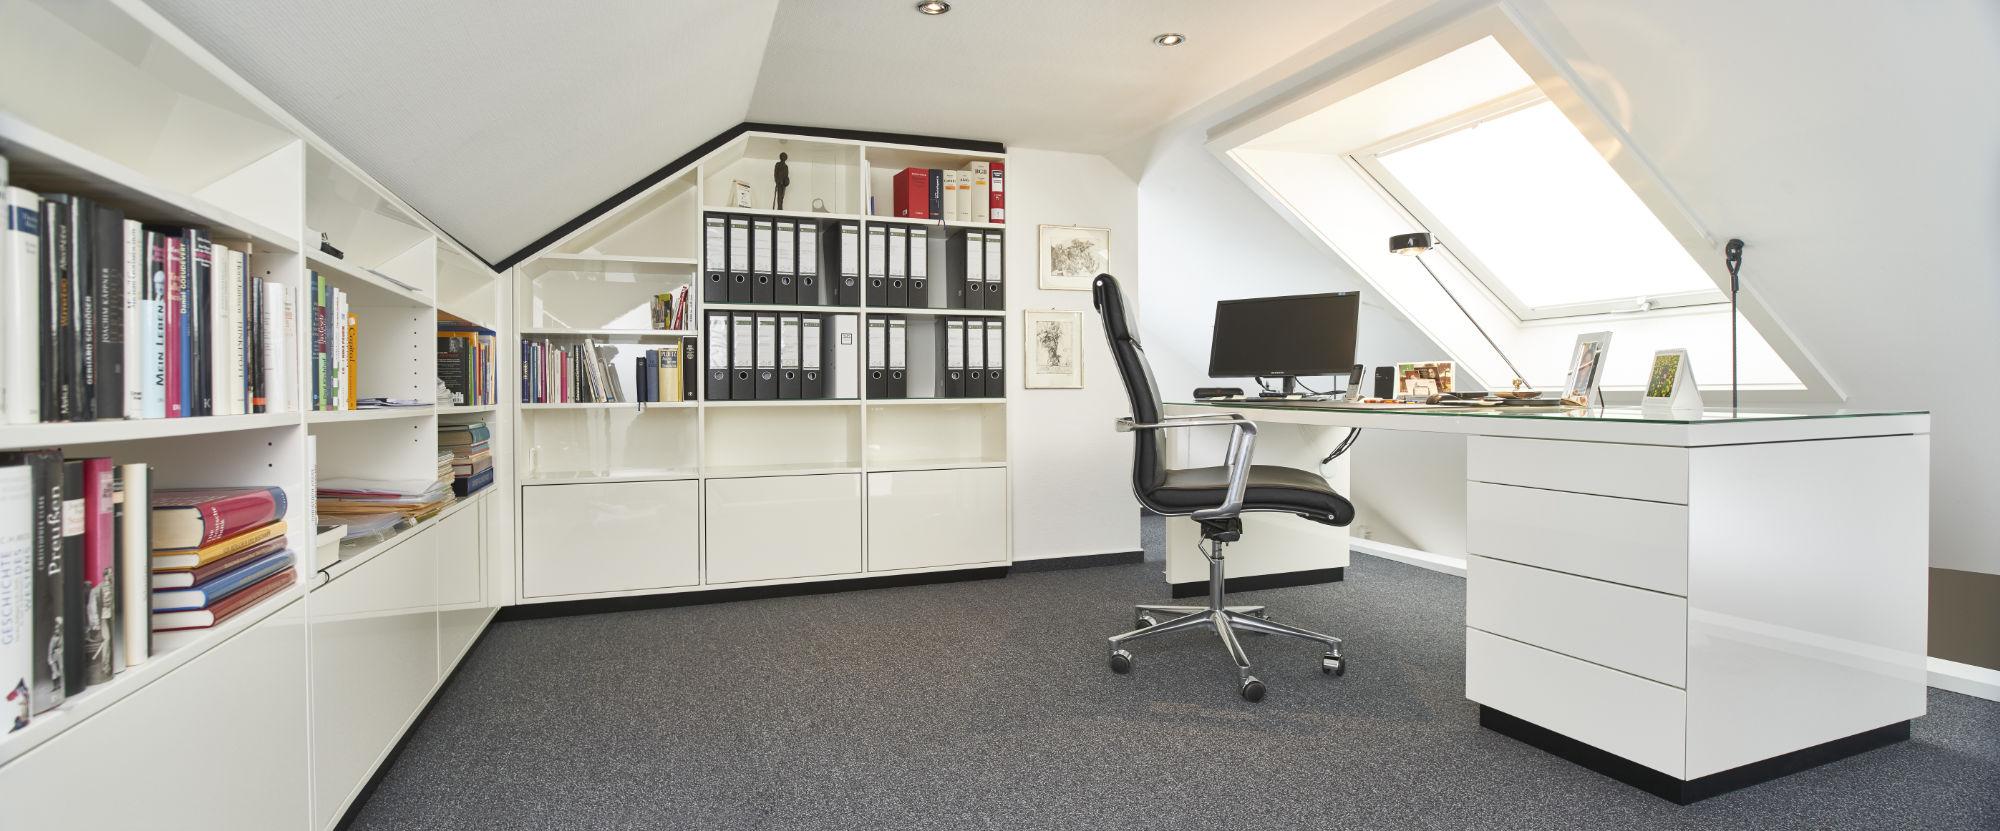 m bel b hler schreinerei f r individuelle m bel und innenausbau. Black Bedroom Furniture Sets. Home Design Ideas